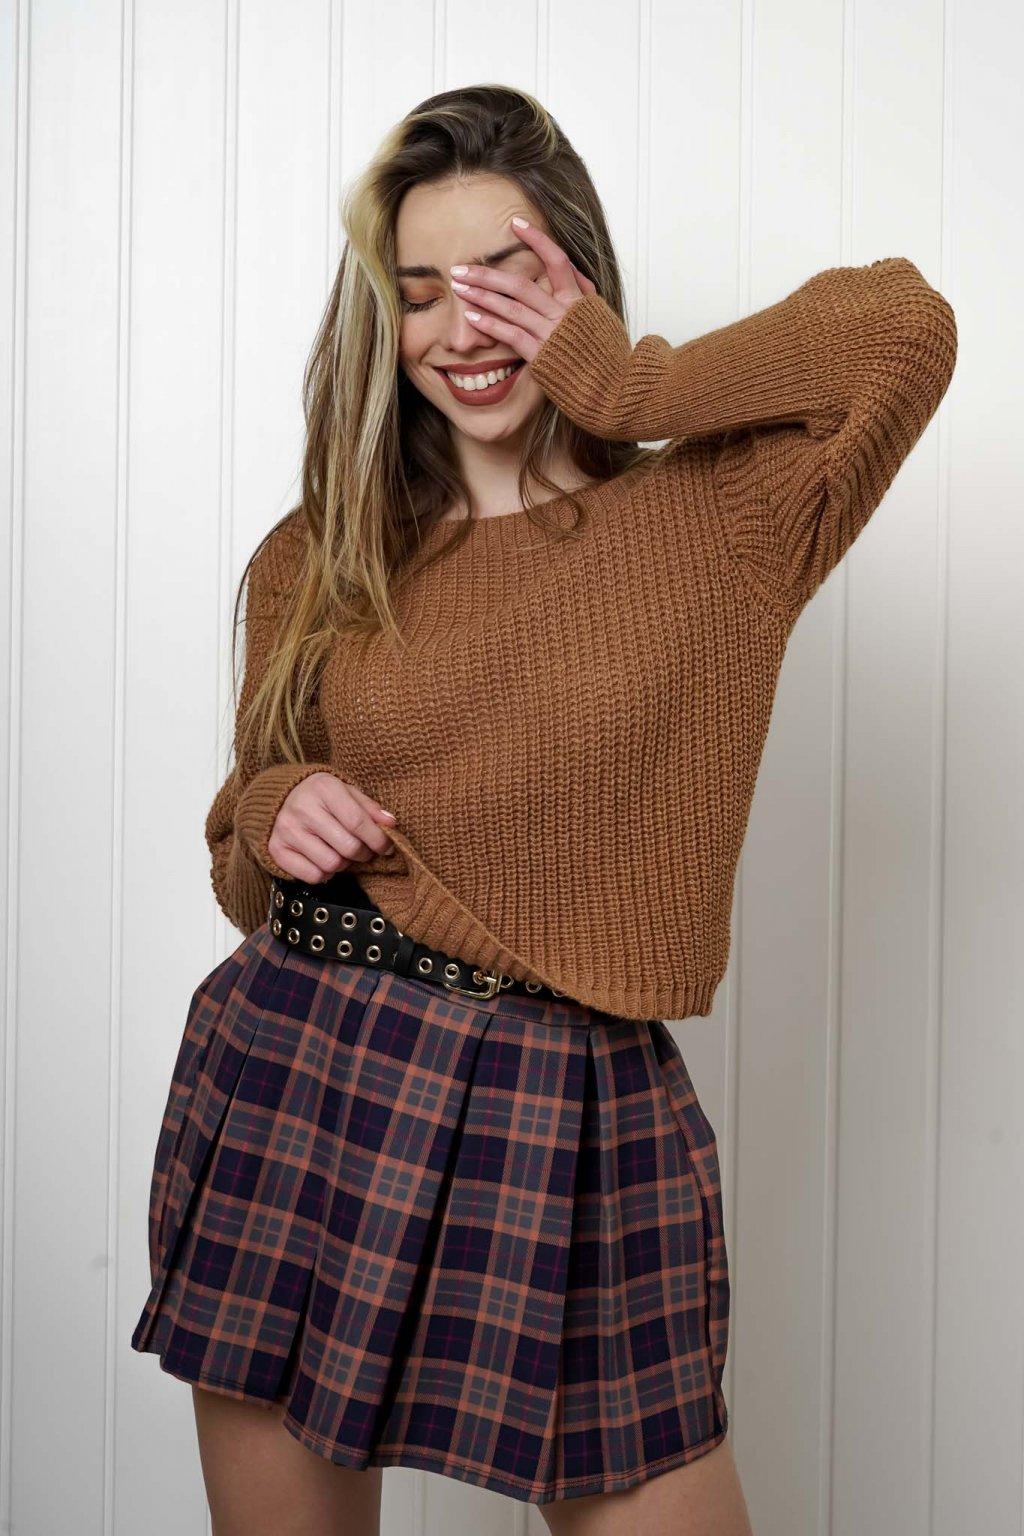 sveter, svetrík, sveter dámsky, úplet, úpletový sveter, jednoduchý sveter, v výstríh, štýlový, chlpatý,vzorovaný, srdiečkový, čierny, biely, farebný, 088